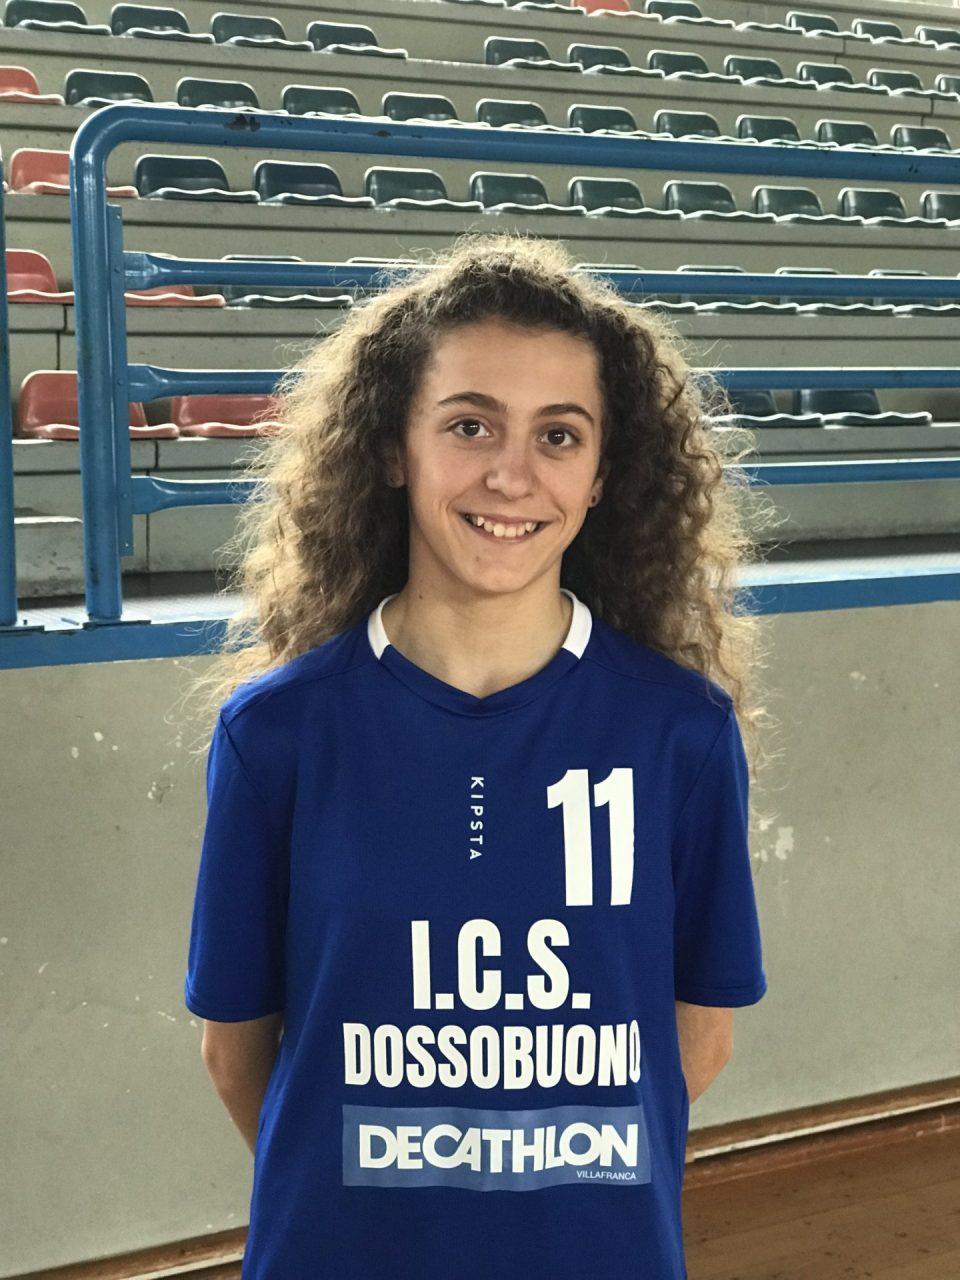 I ragazzi della scuola media Montalcini si aggiudicano il titolo di vicecampione regionale di calcio a 11